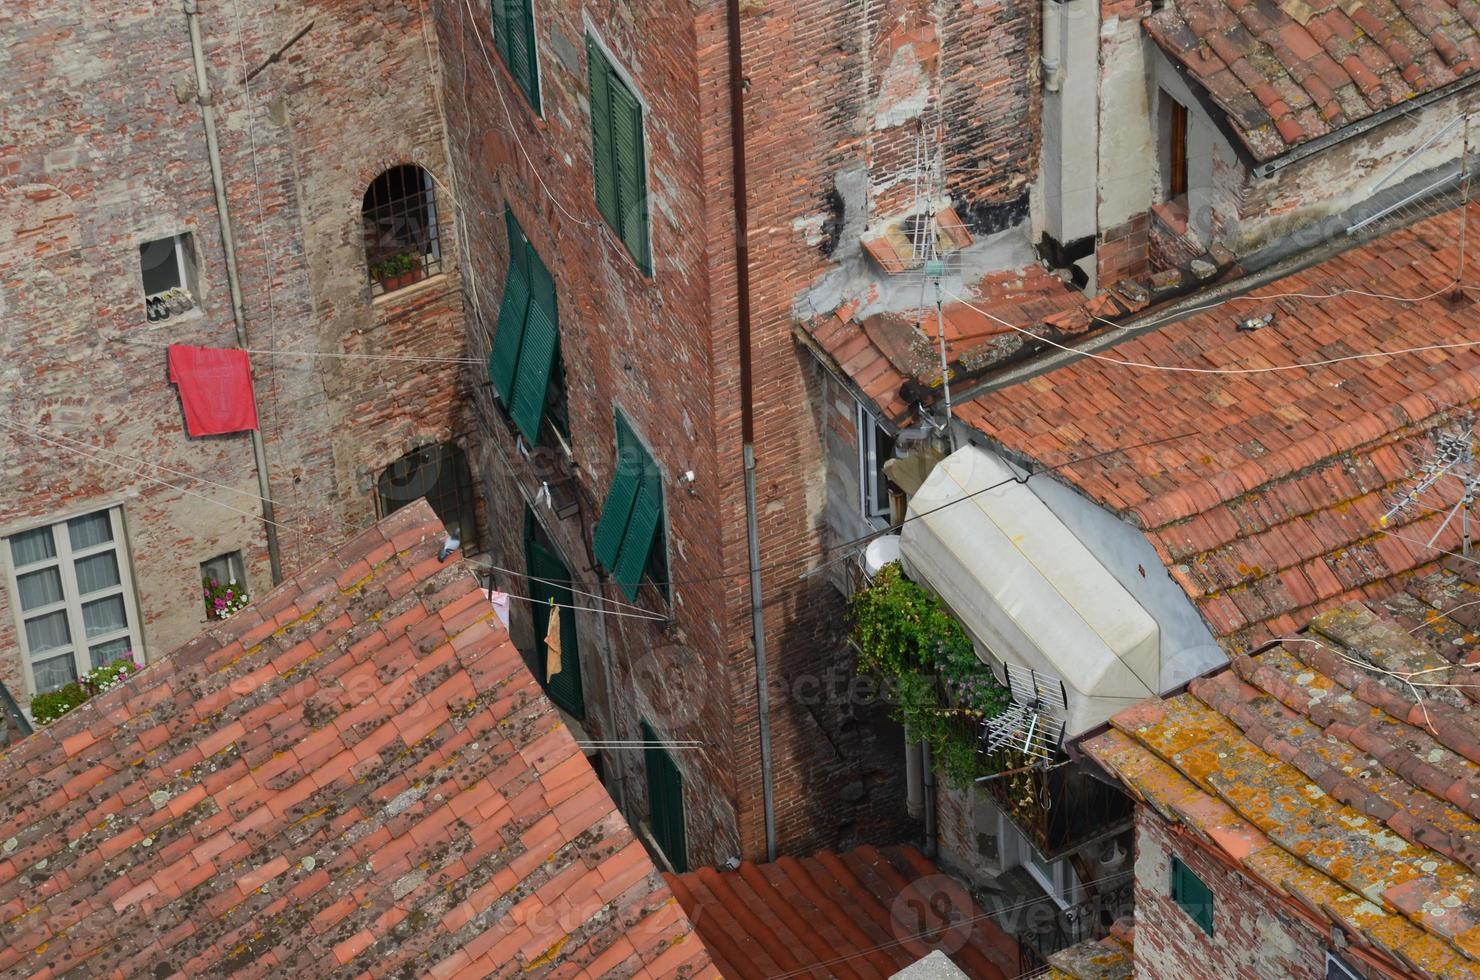 los viejos techos. foto